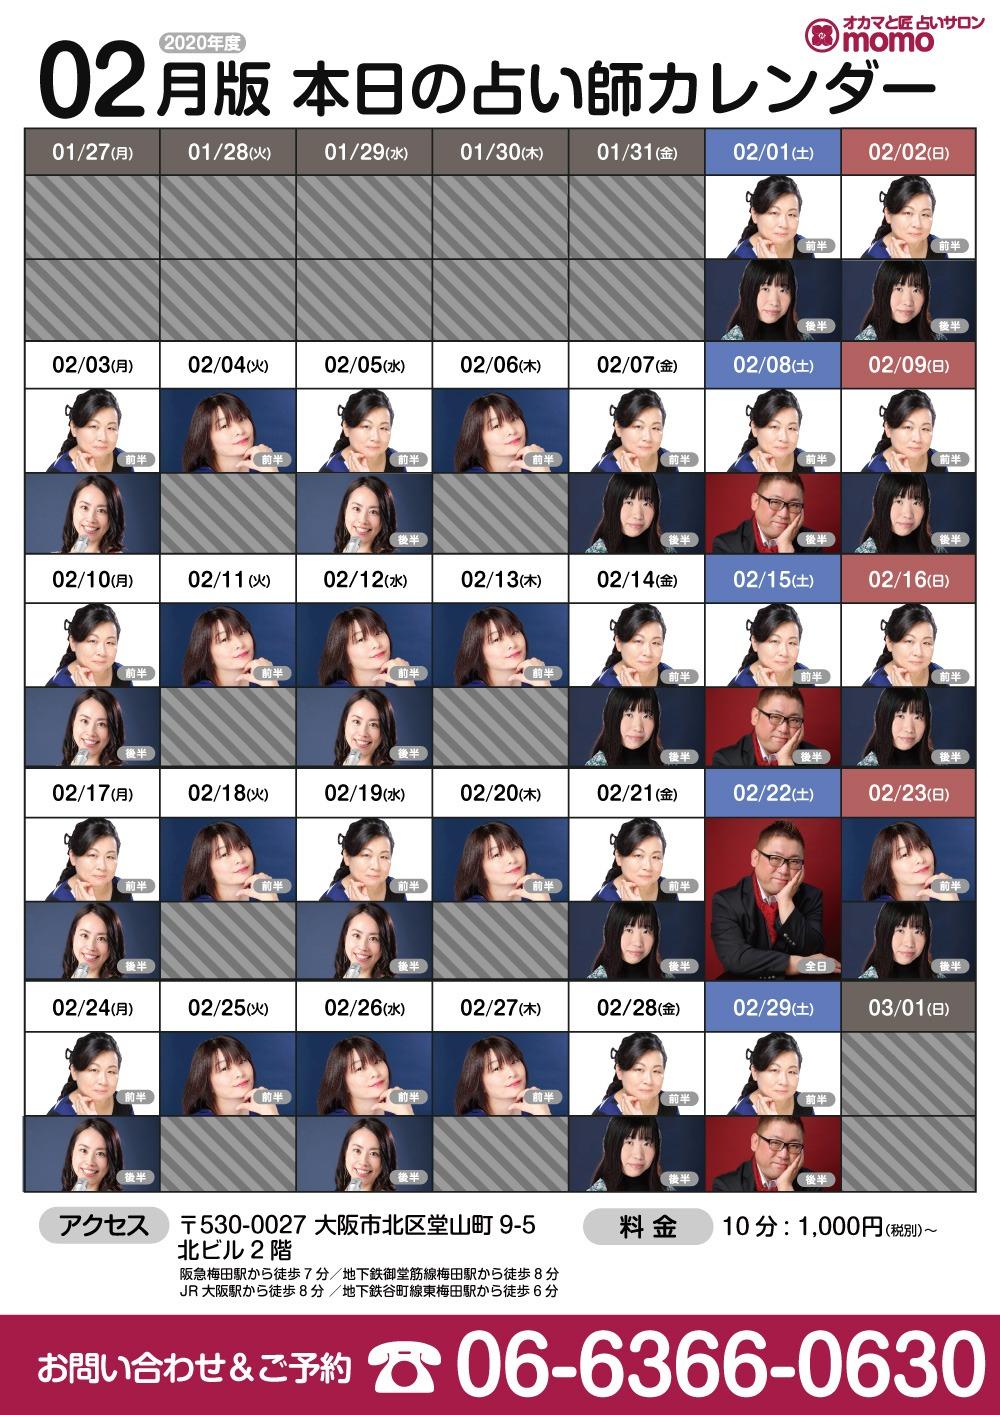 今月の占い師カレンダー 2020年2月版